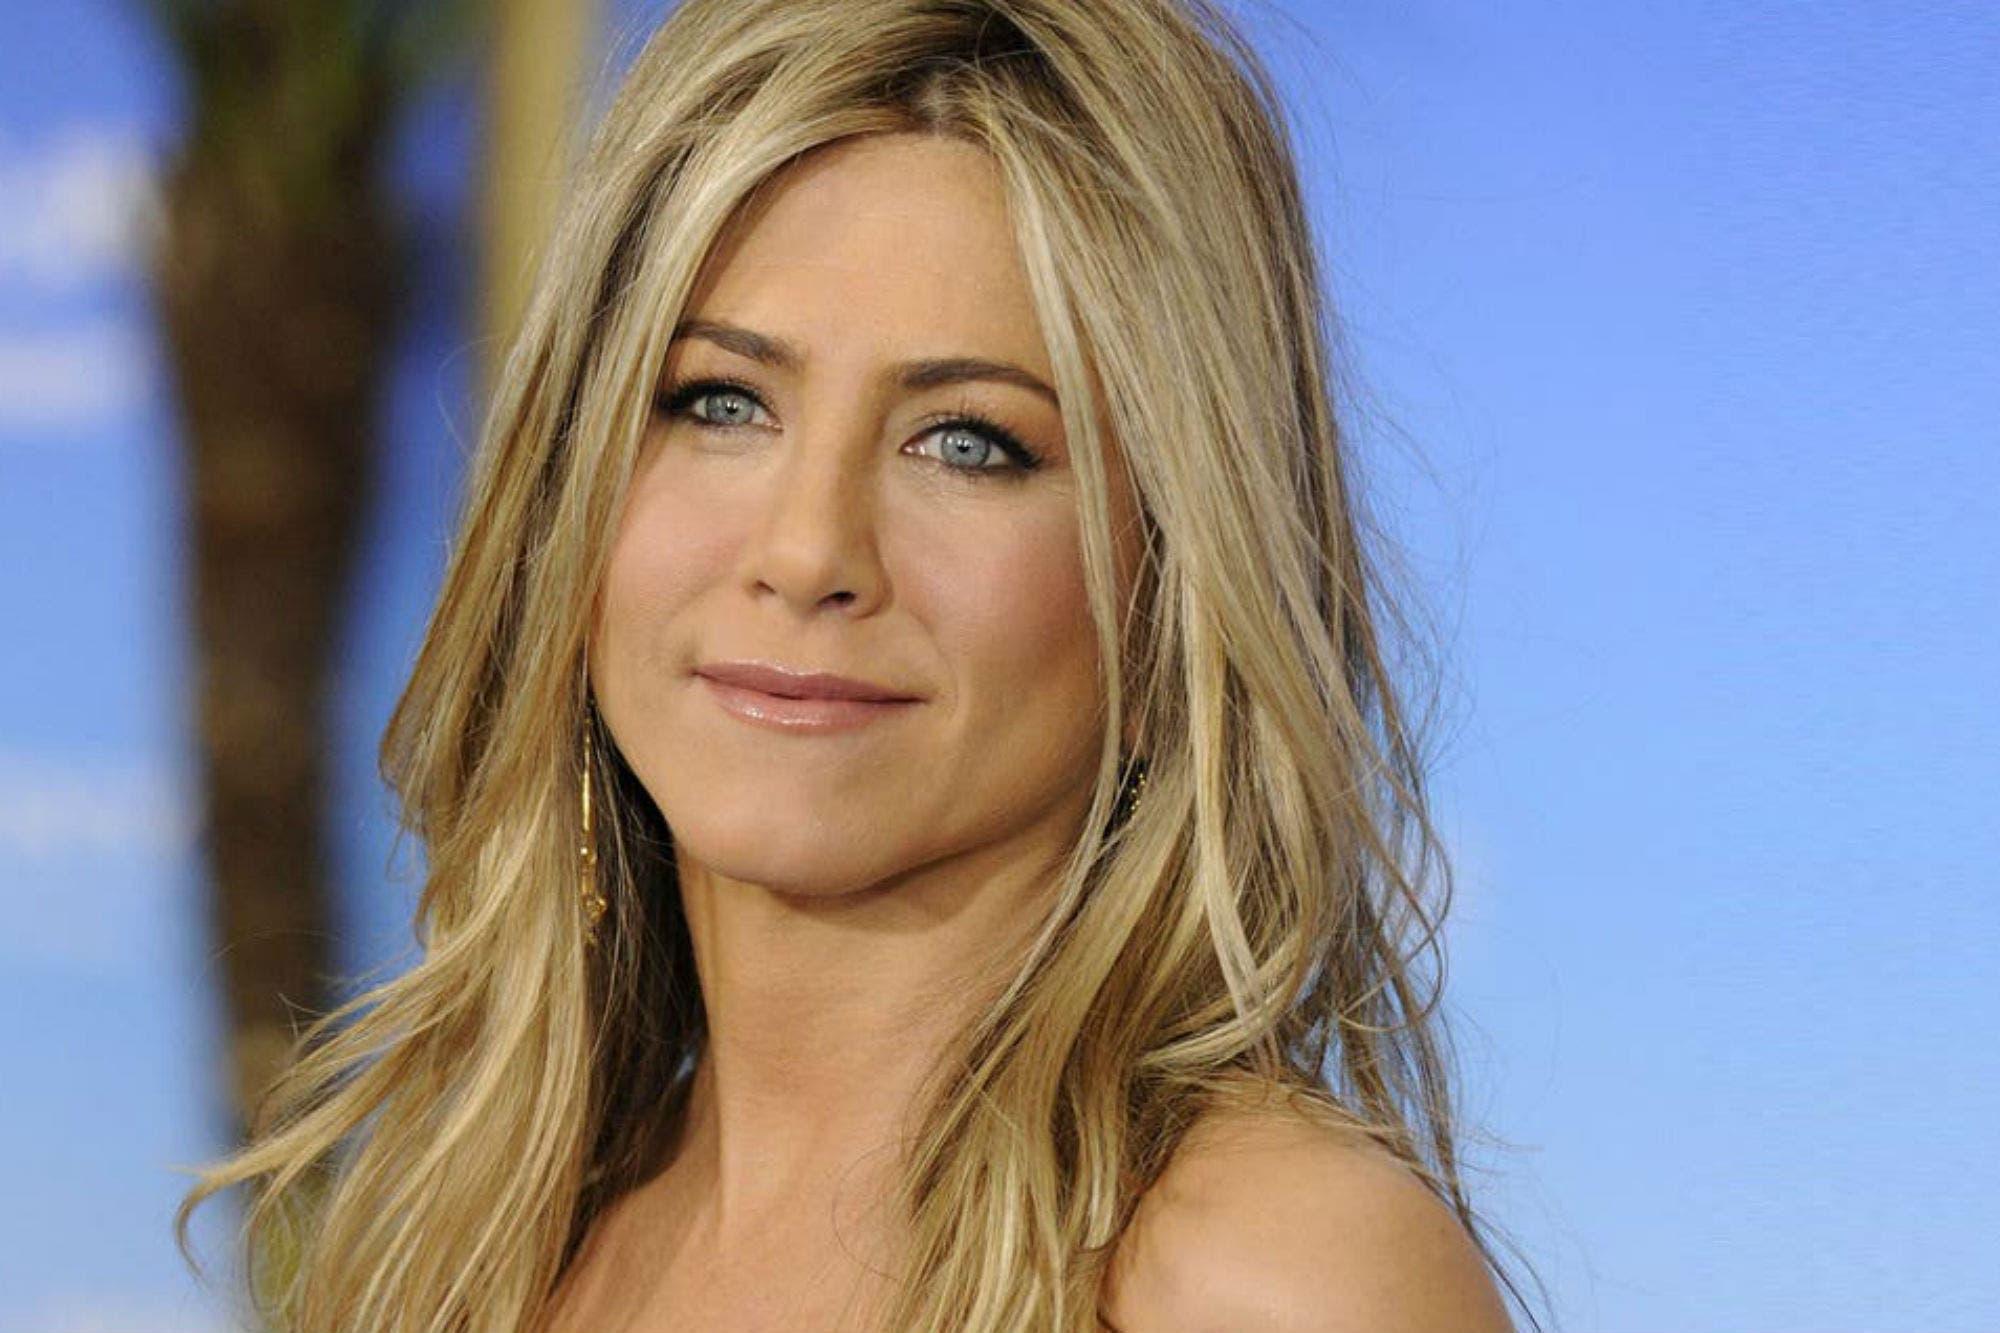 La divertida foto de Jennifer Aniston con el creador del corte de pelo de Rachel en Friends